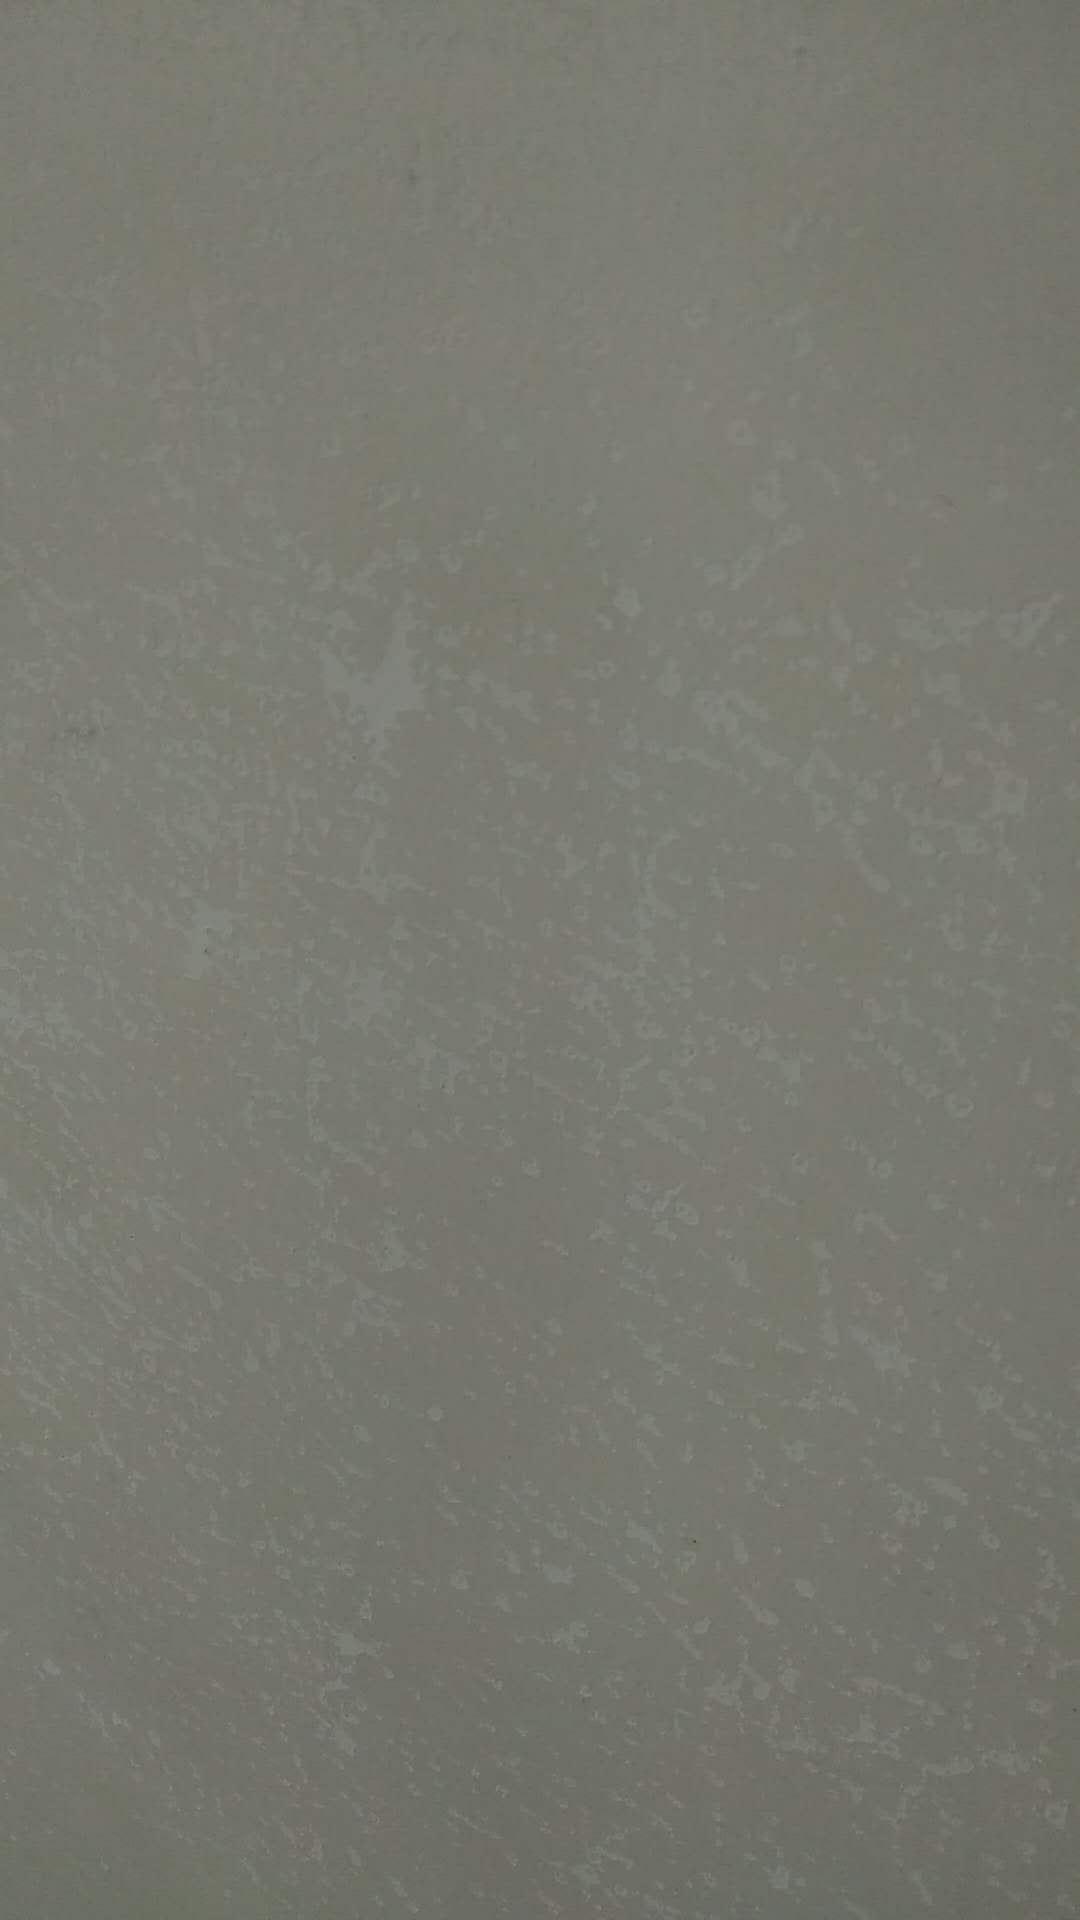 为什么冬天刷基膜容易出现不结膜,出现冰裂等问题 新闻资讯-四川博雅瑞恩科技有限公司